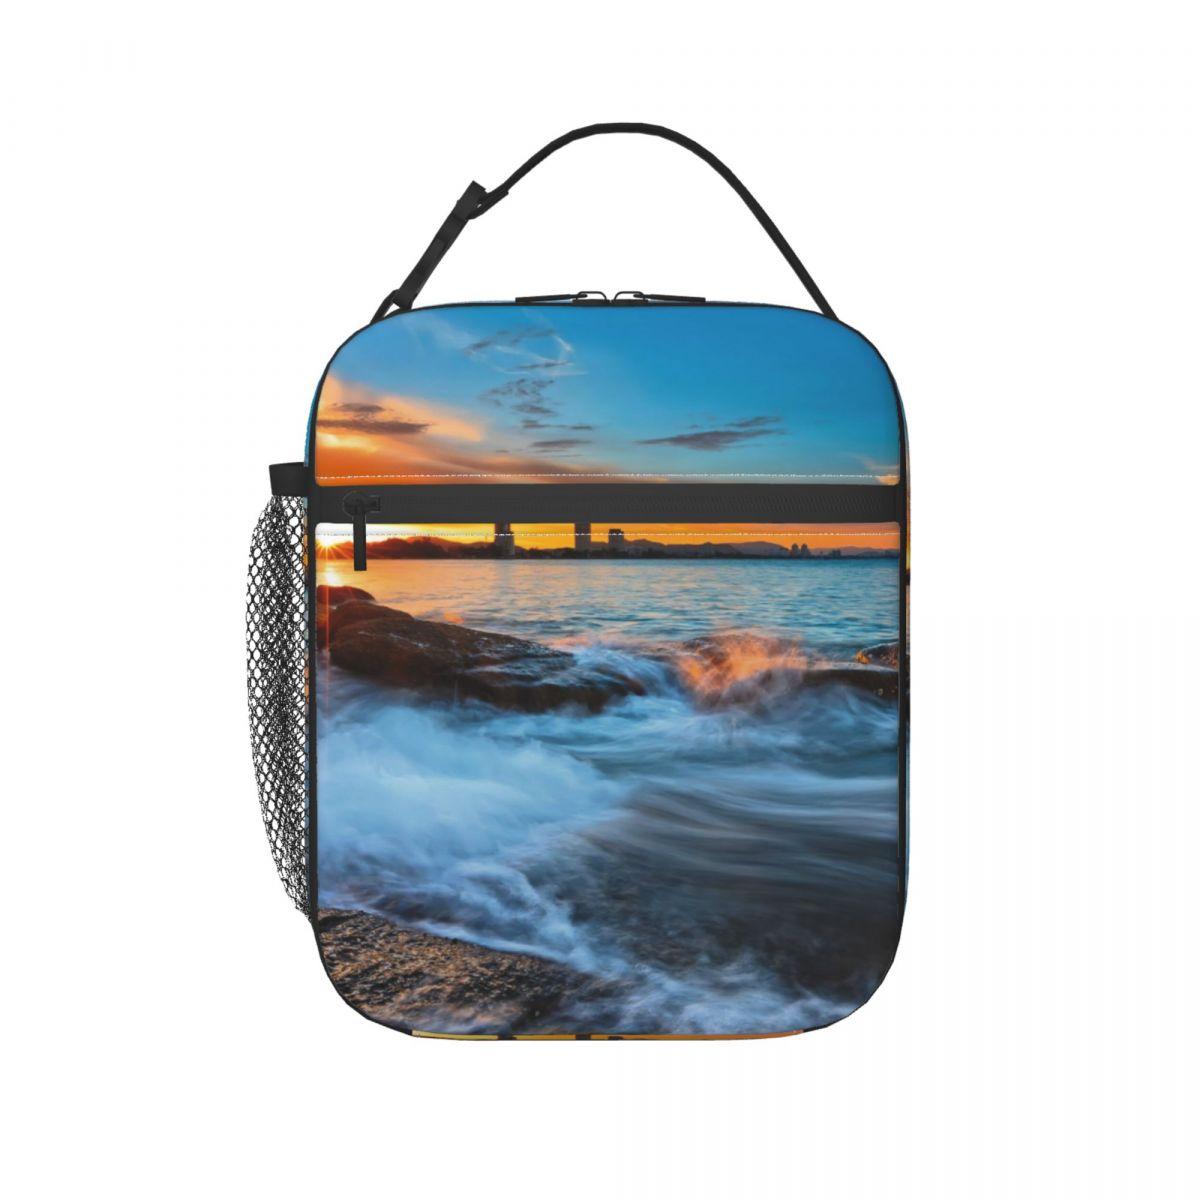 Czas zachodu słońca w hua-hin Beach torba obiadowa dla kobiet mężczyzn duże izolowane pudełko na Lunch z uchwyt na butelkę wody i kieszenie